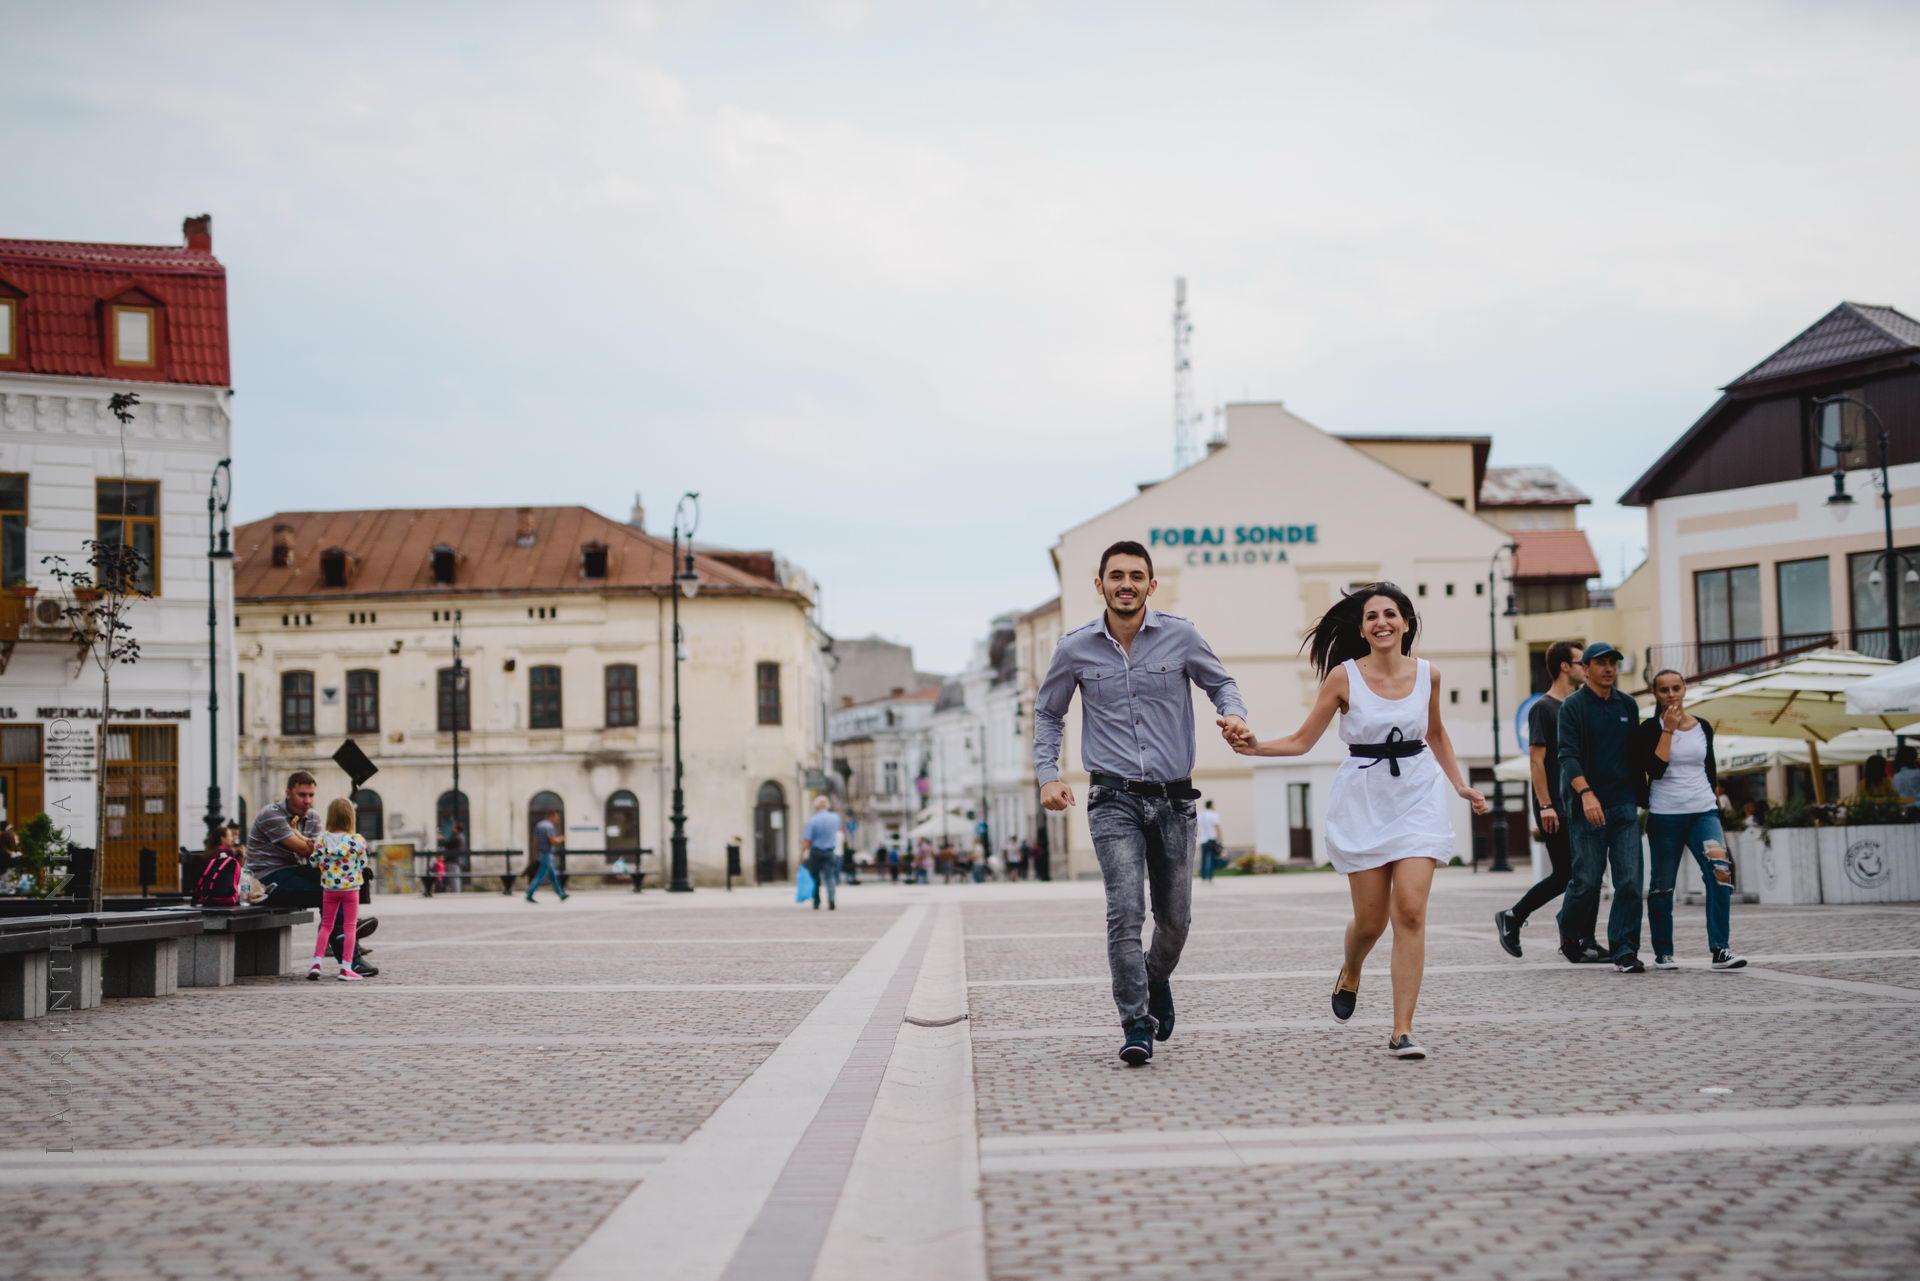 sedinta foto save the date fotograf laurentiu nica craiova 17 - Ramona & Marius | Sedinta foto Save the Date